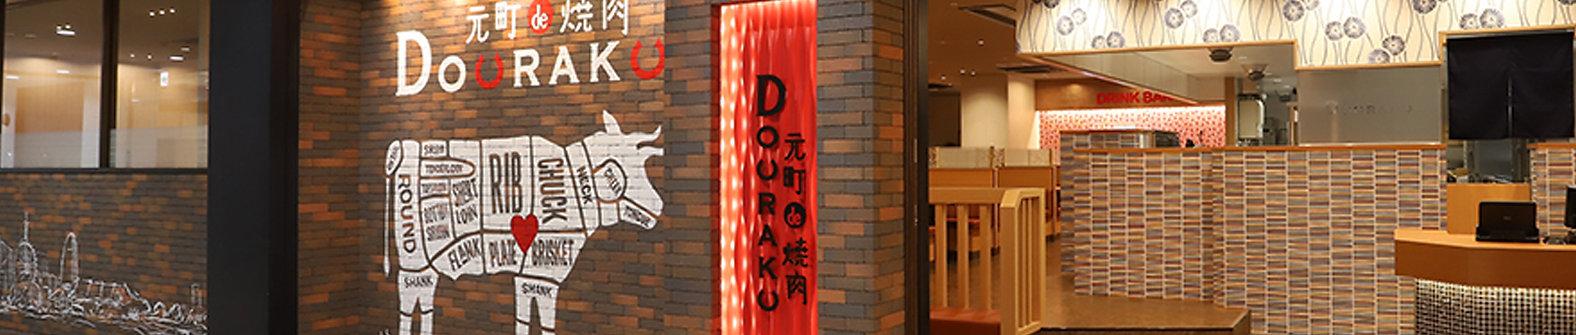 douraku_fc_top.jpg